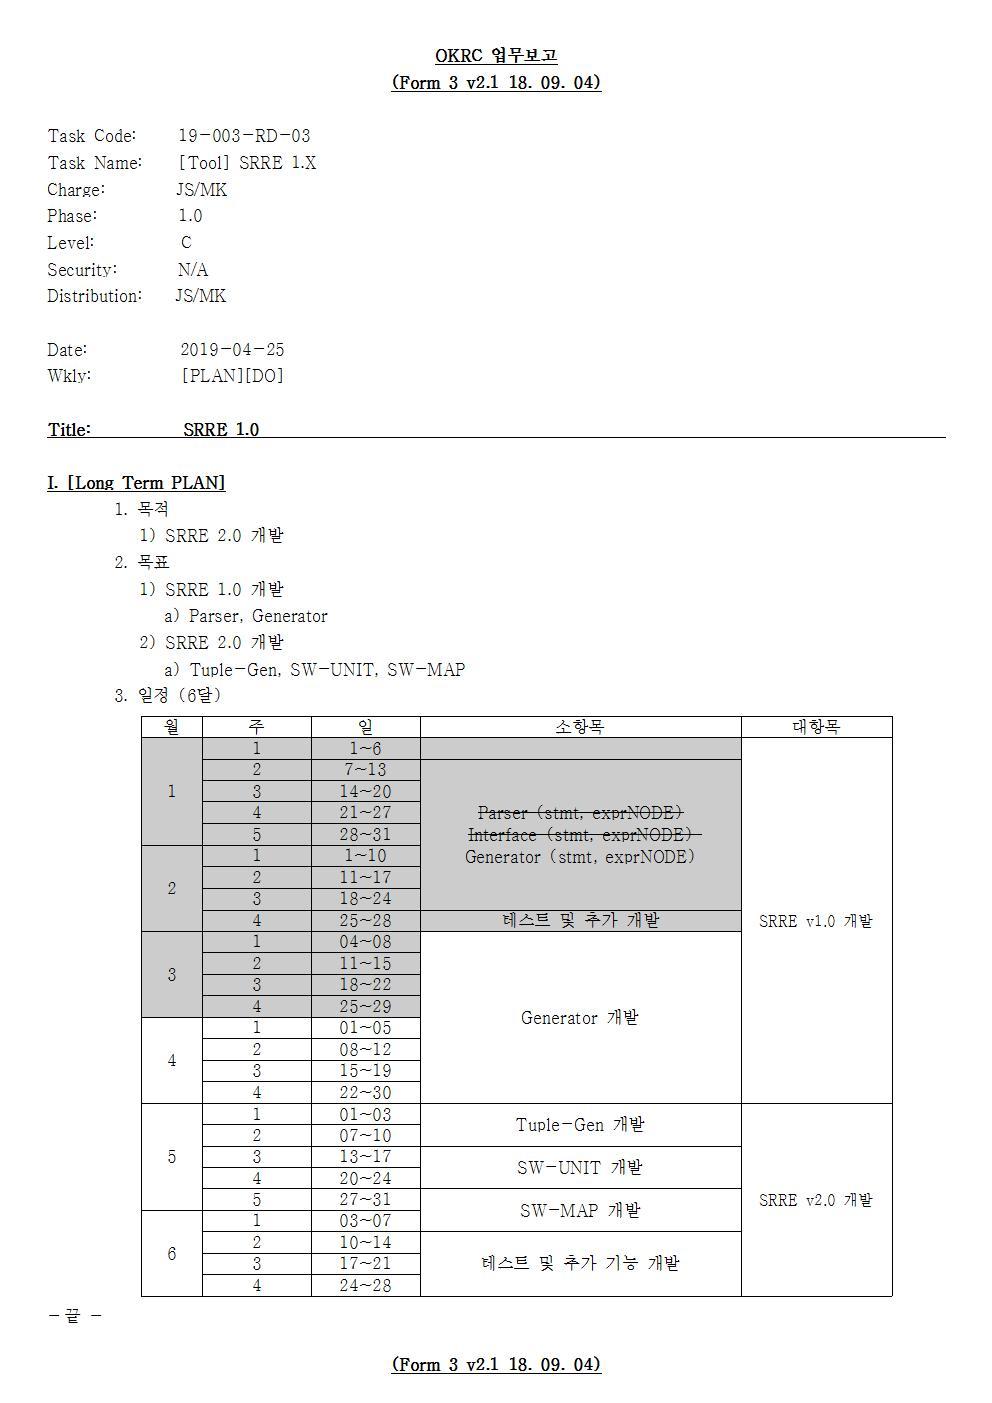 D-[19-003-RD-03]-[Tool-SRRE-1.X]-[2019-04-25][JS]001.jpg